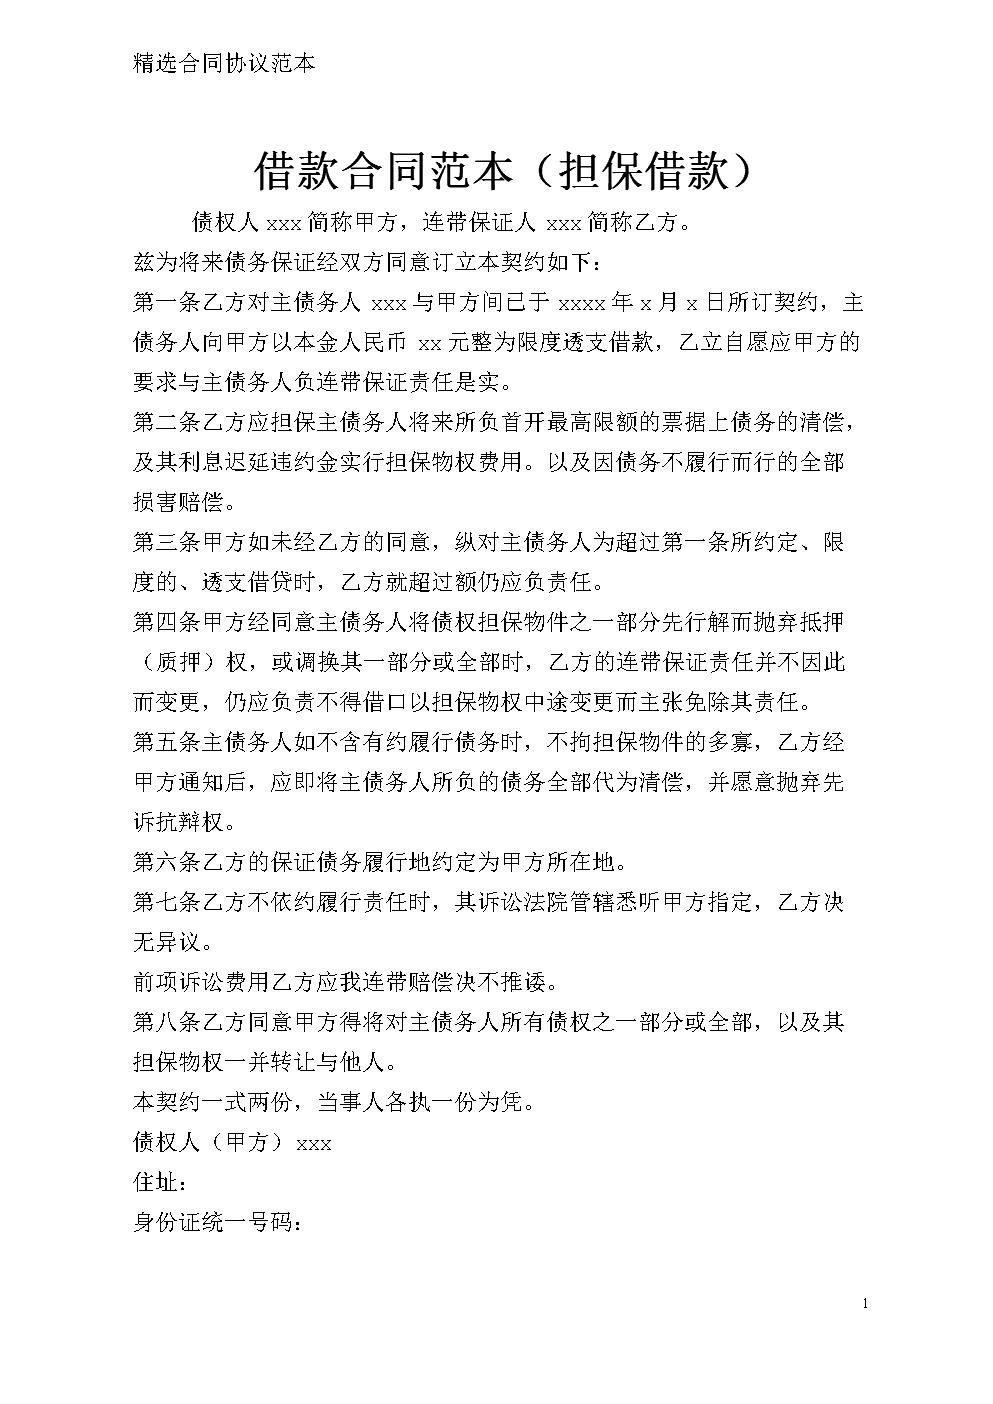 借款合同样本模板(担保借款).doc